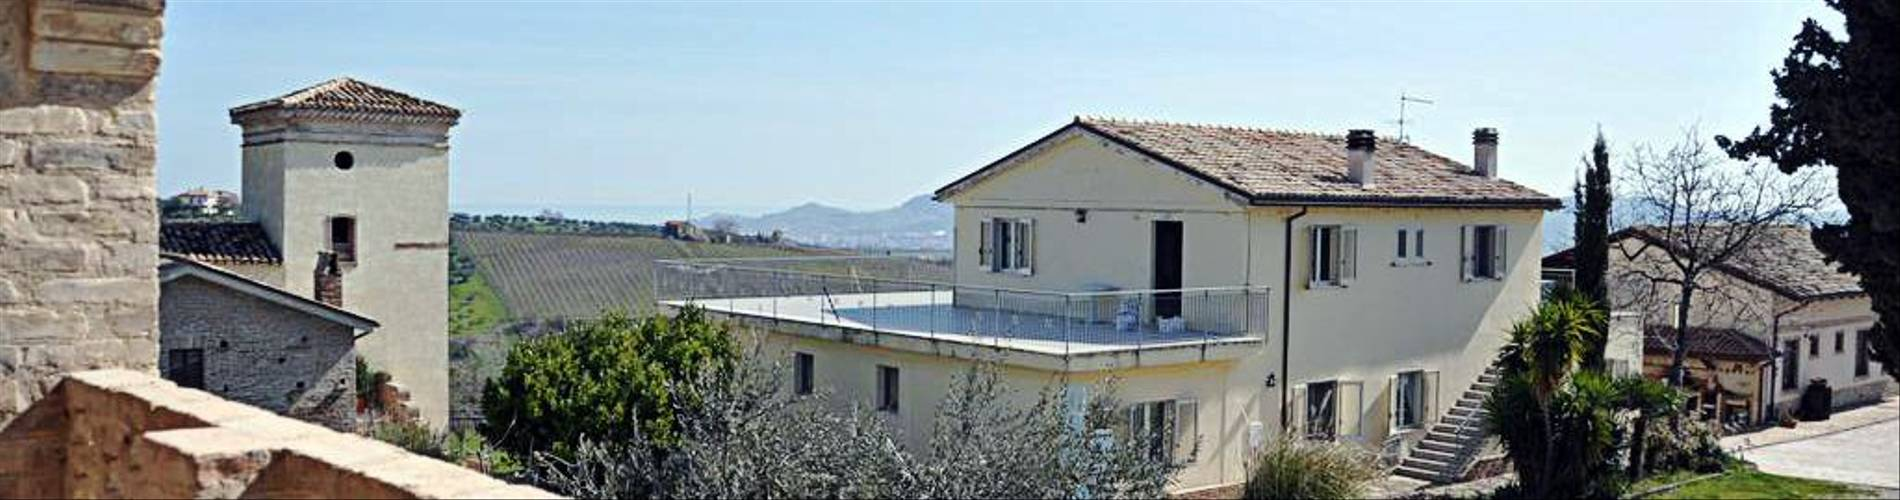 Il Grappolo, Abruzzo, Italy (2).jpg